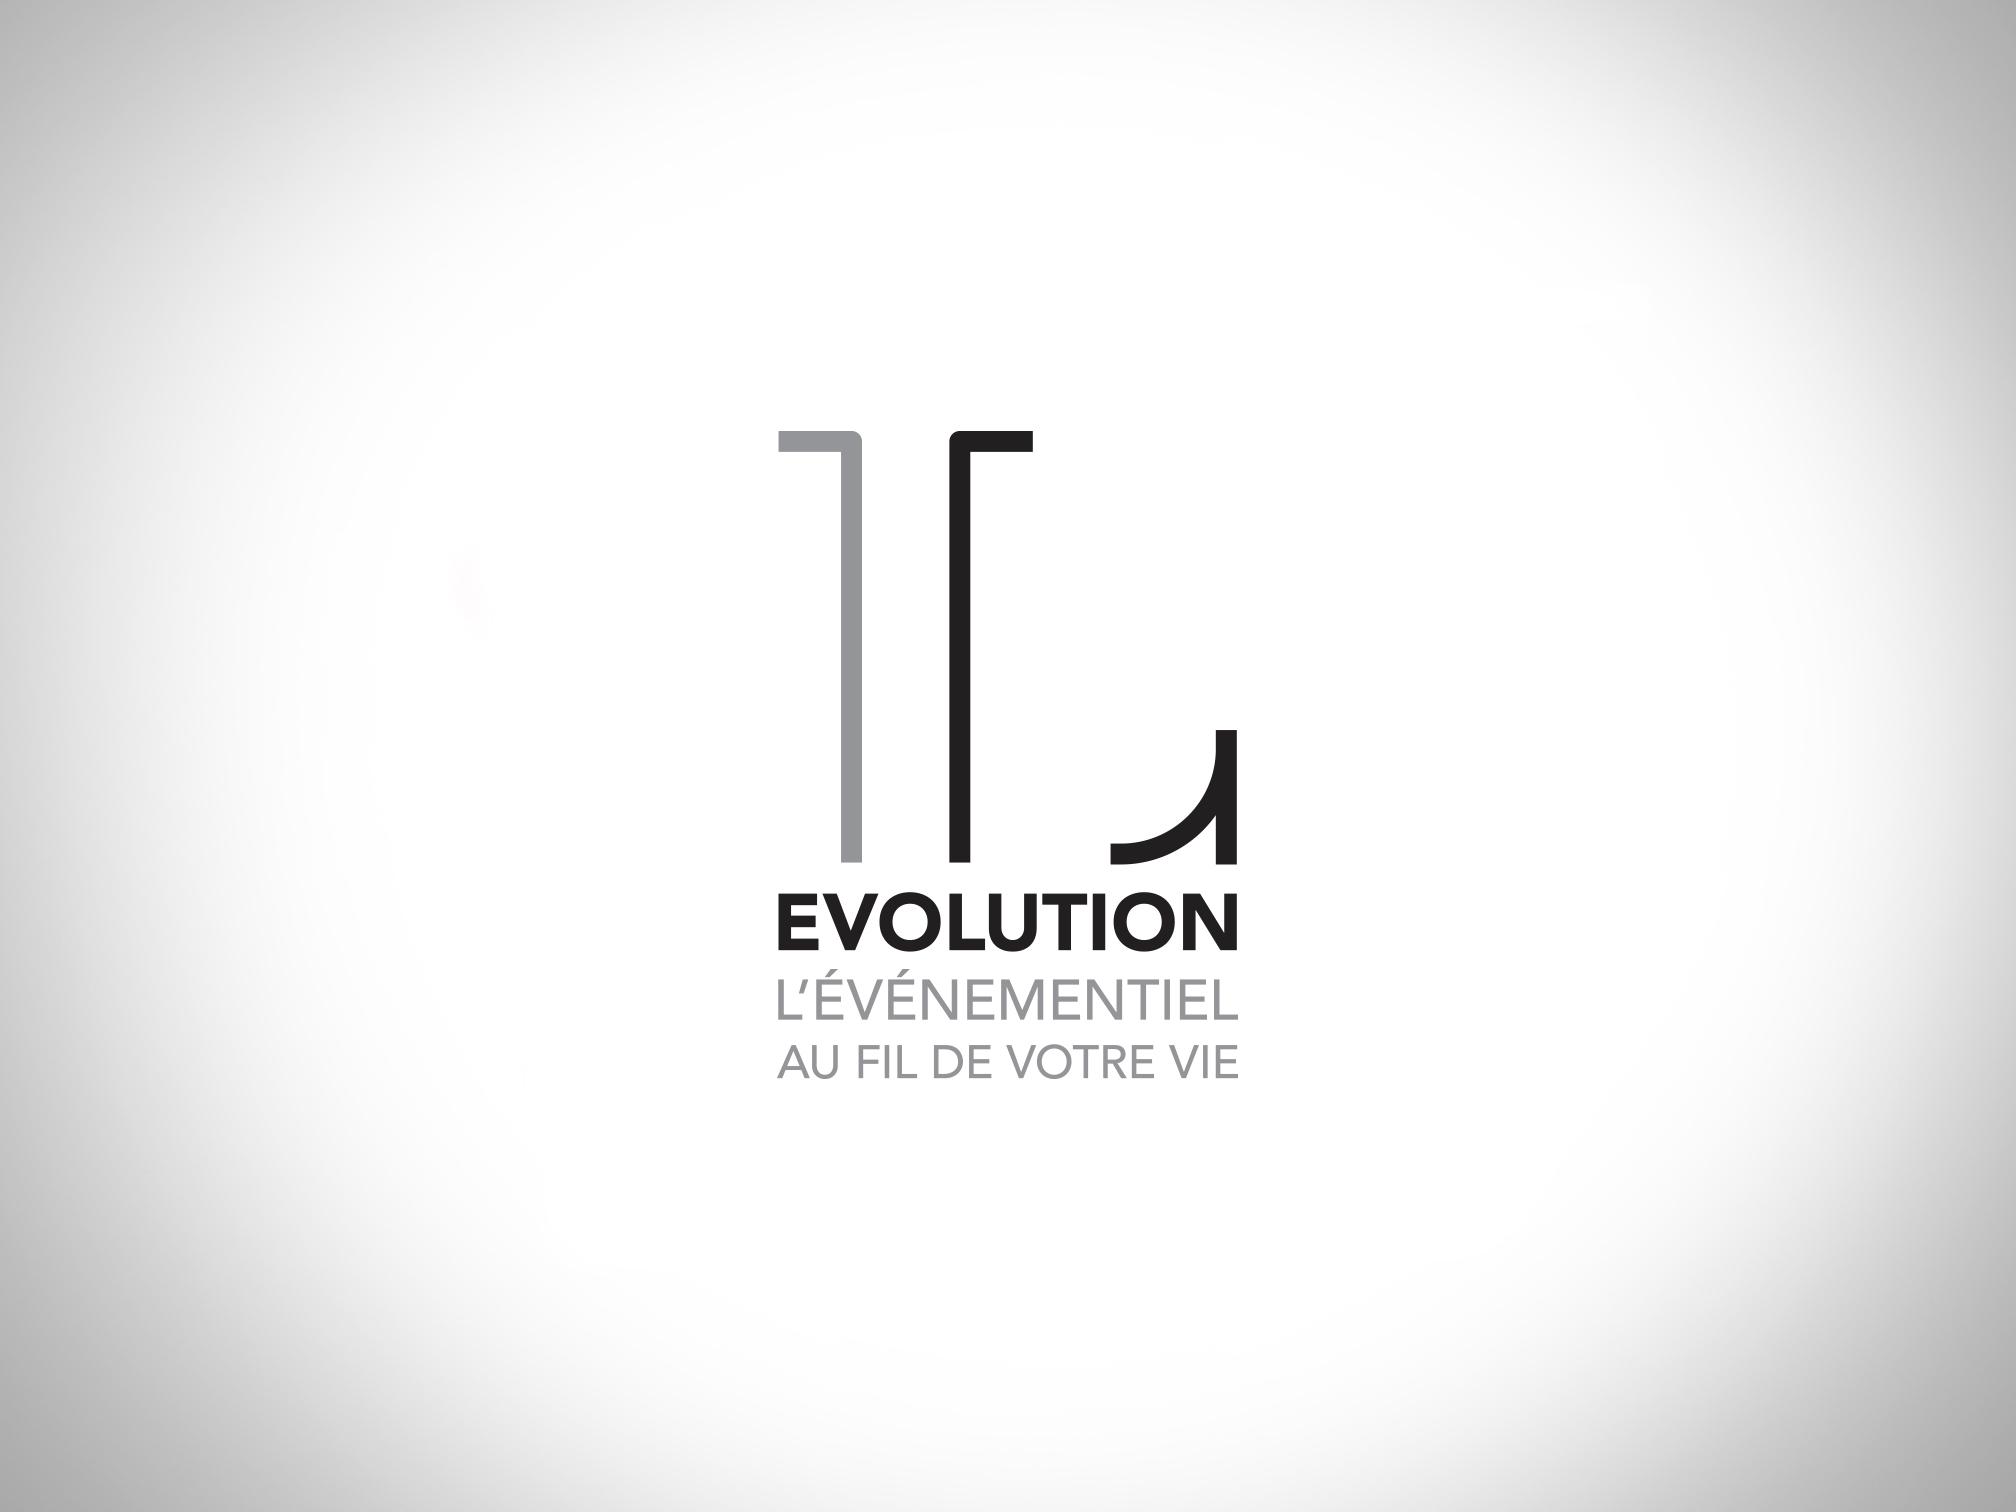 Evolution L